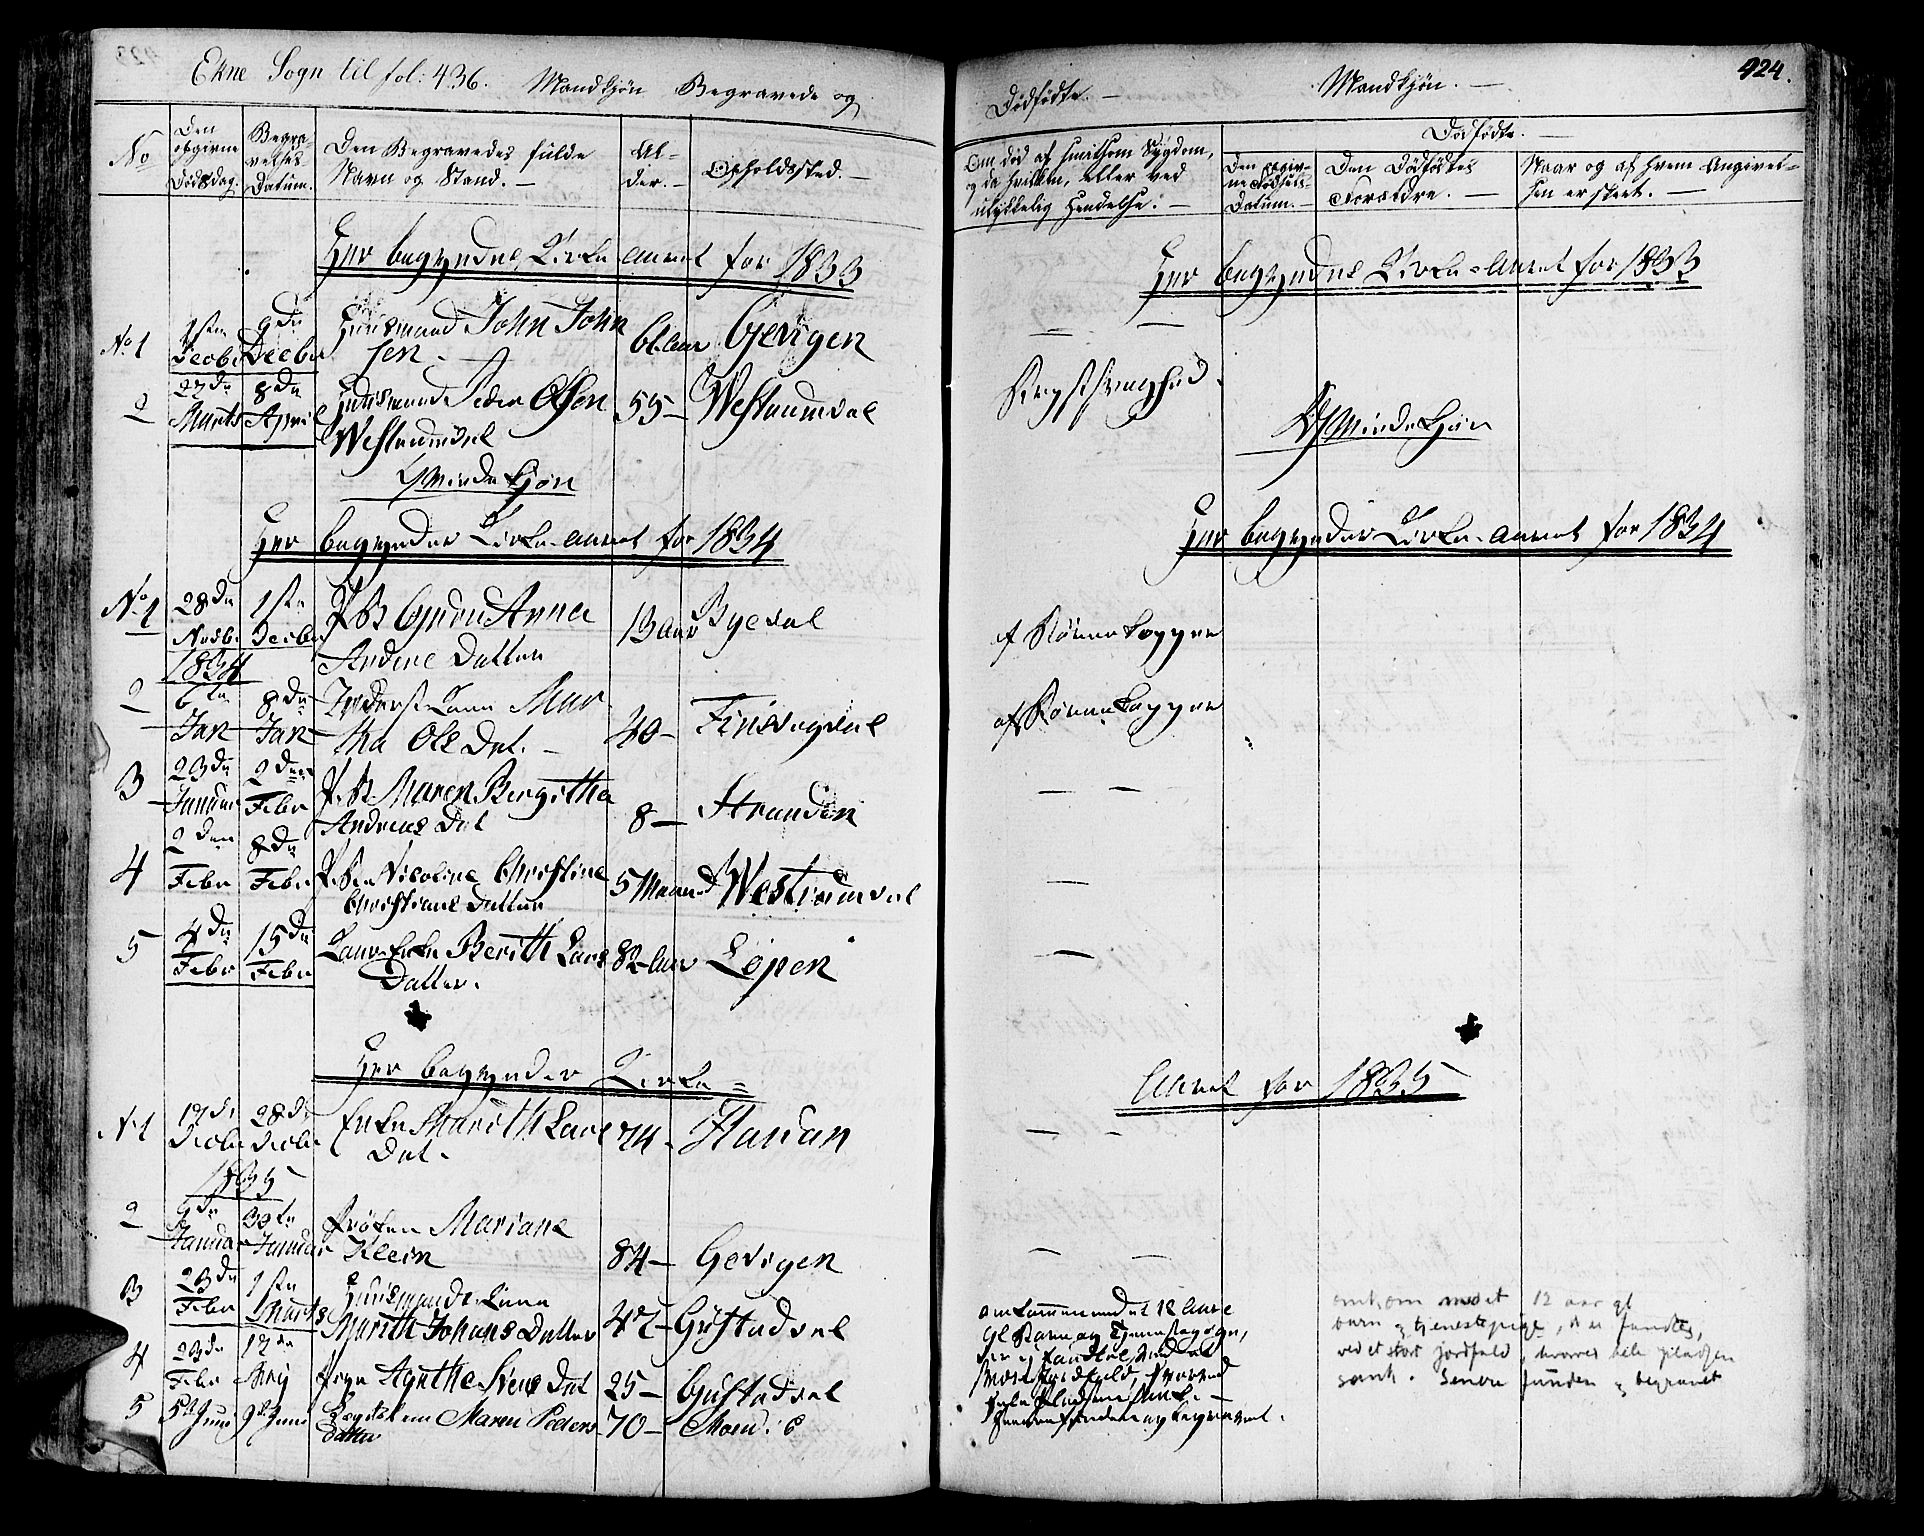 SAT, Ministerialprotokoller, klokkerbøker og fødselsregistre - Nord-Trøndelag, 717/L0152: Ministerialbok nr. 717A05 /2, 1828-1836, s. 424